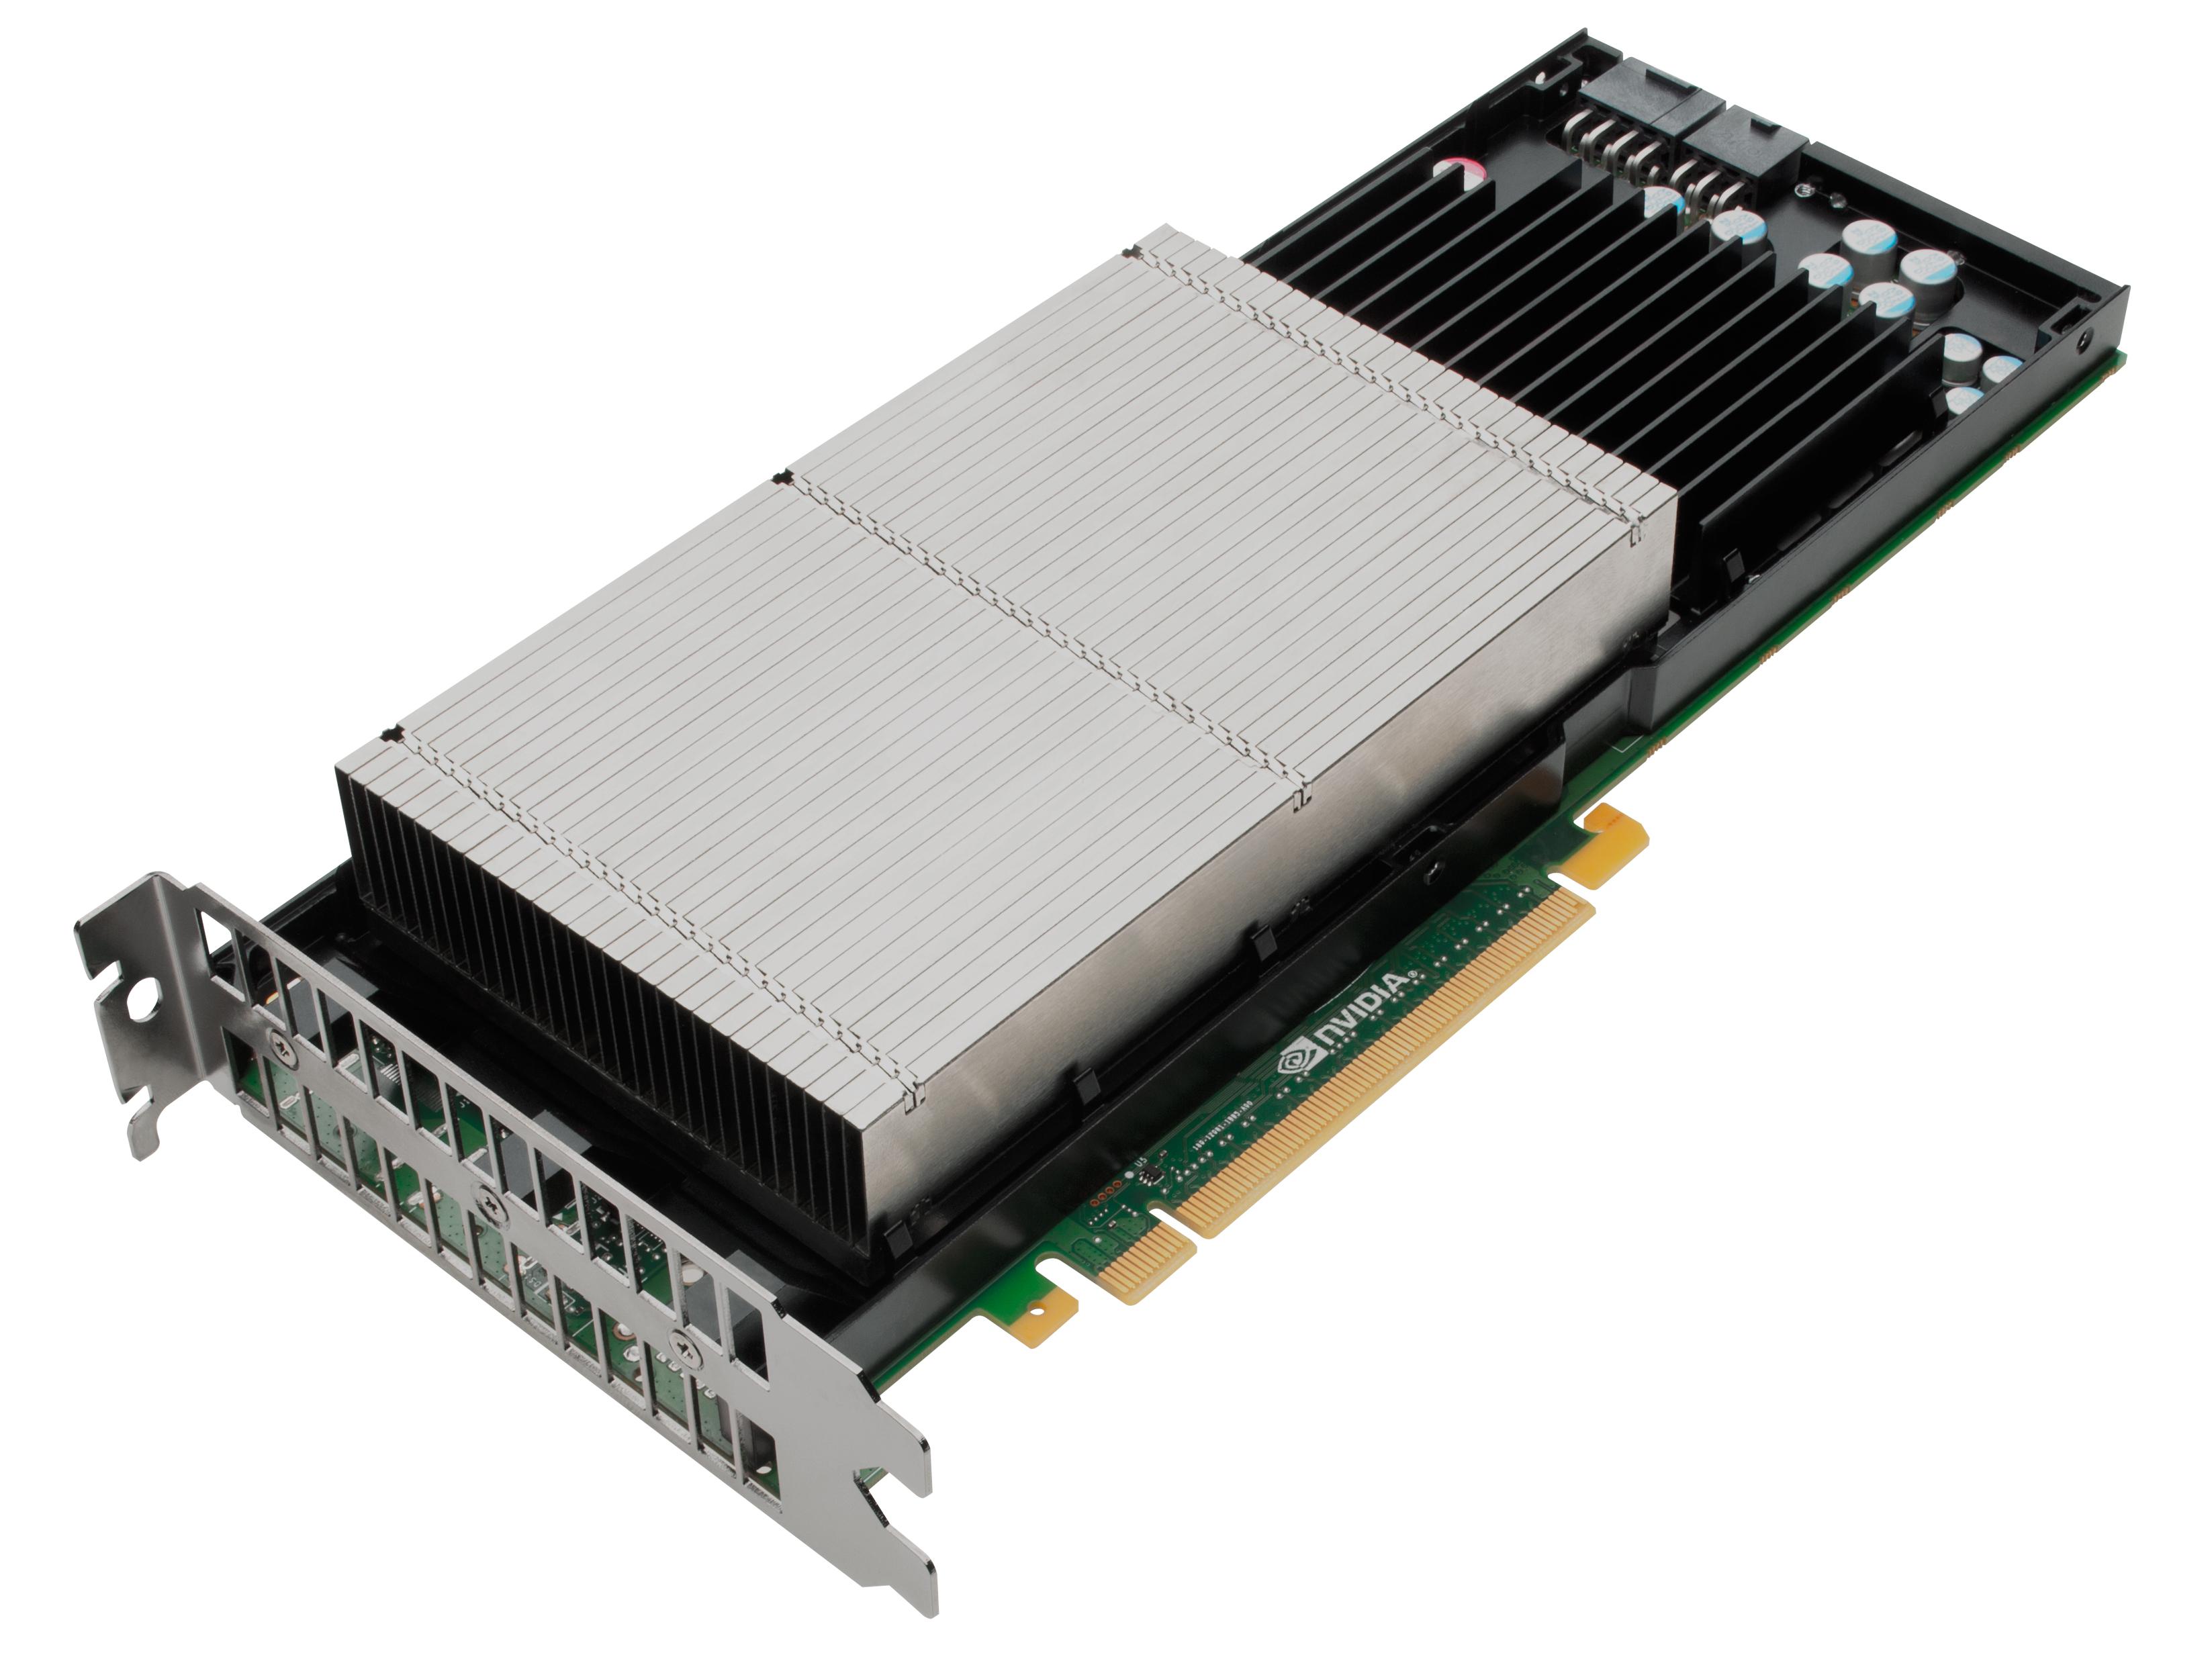 nvidia-tesla-k20-gk110-gpu.jpg